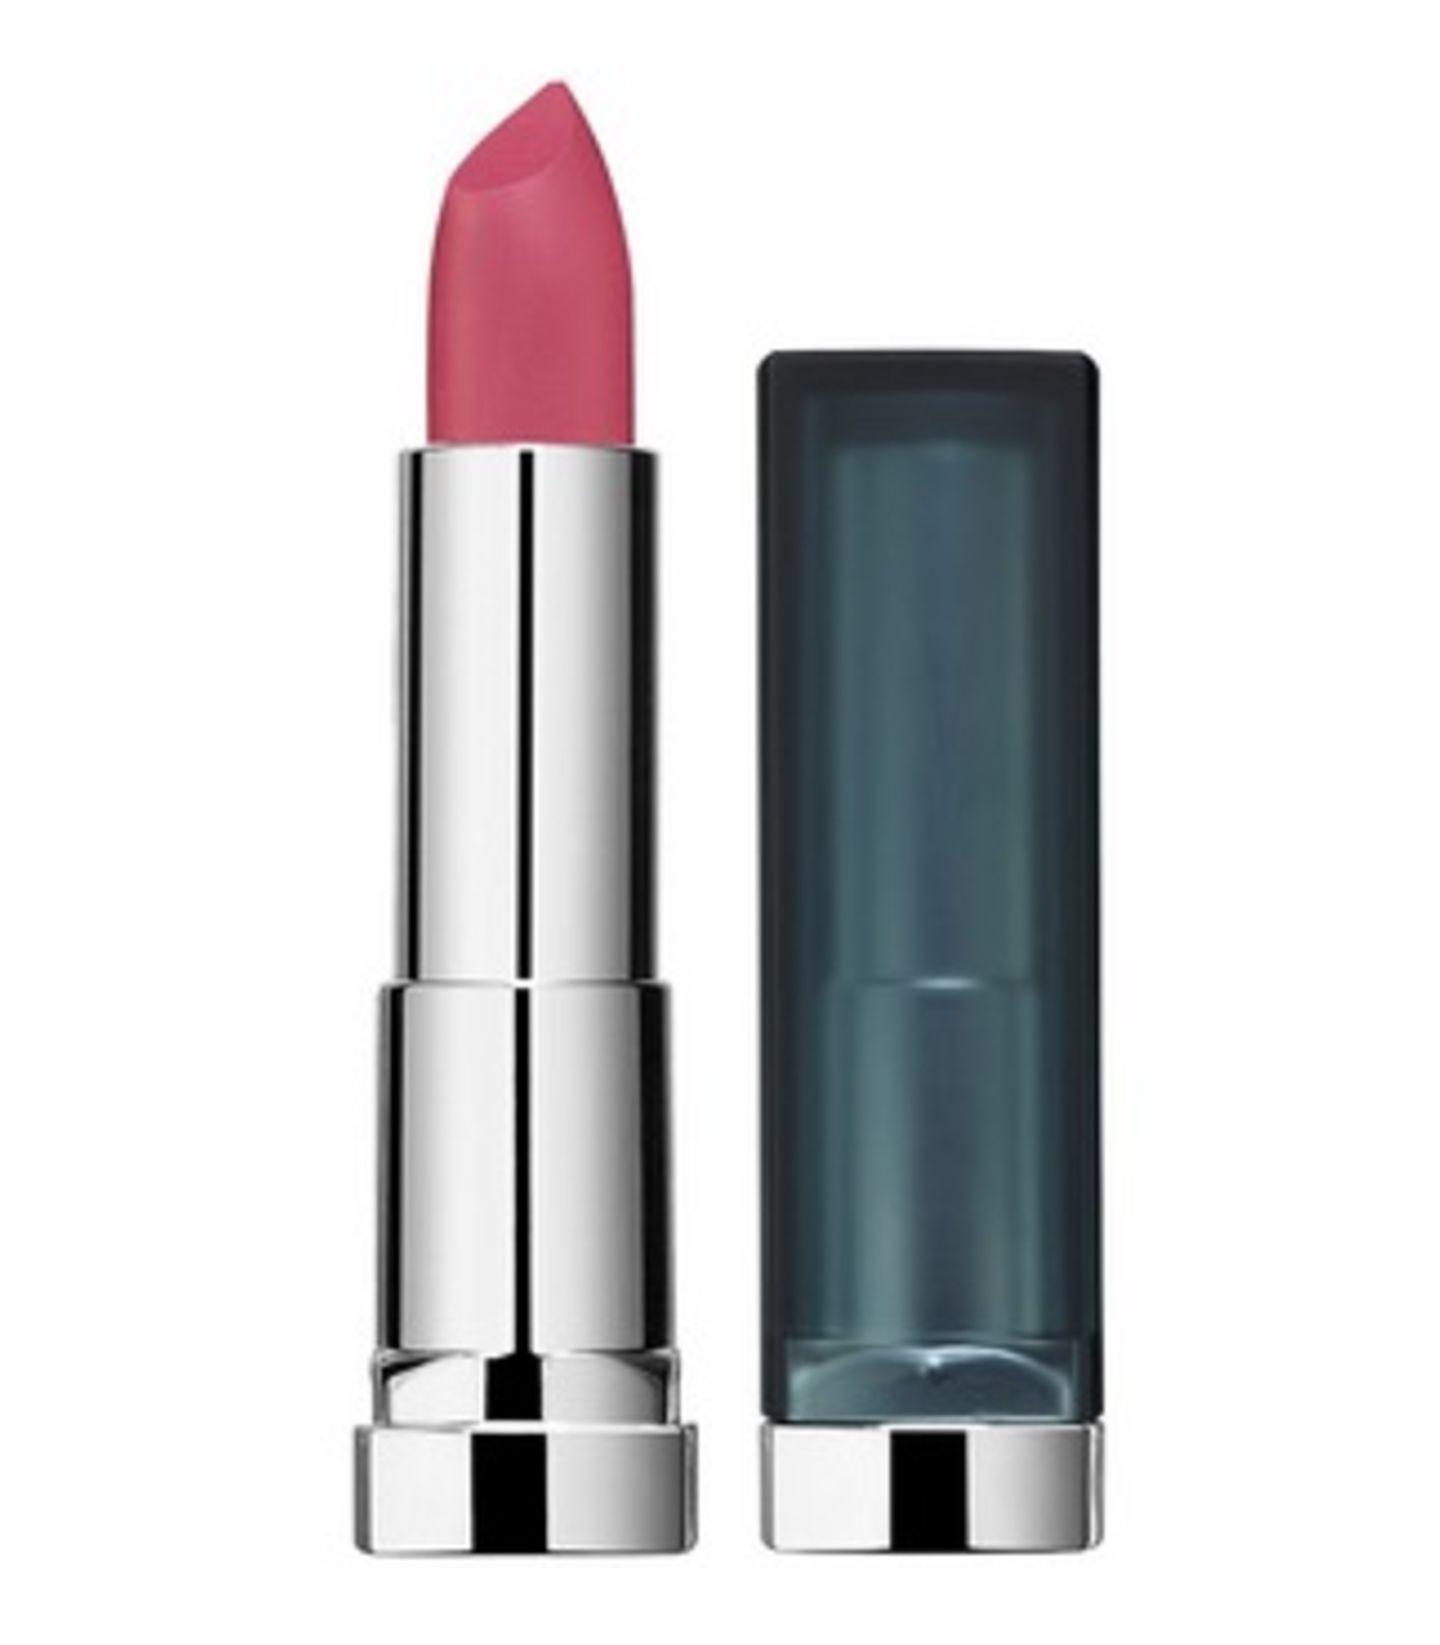 Lippenstift von Maybelline